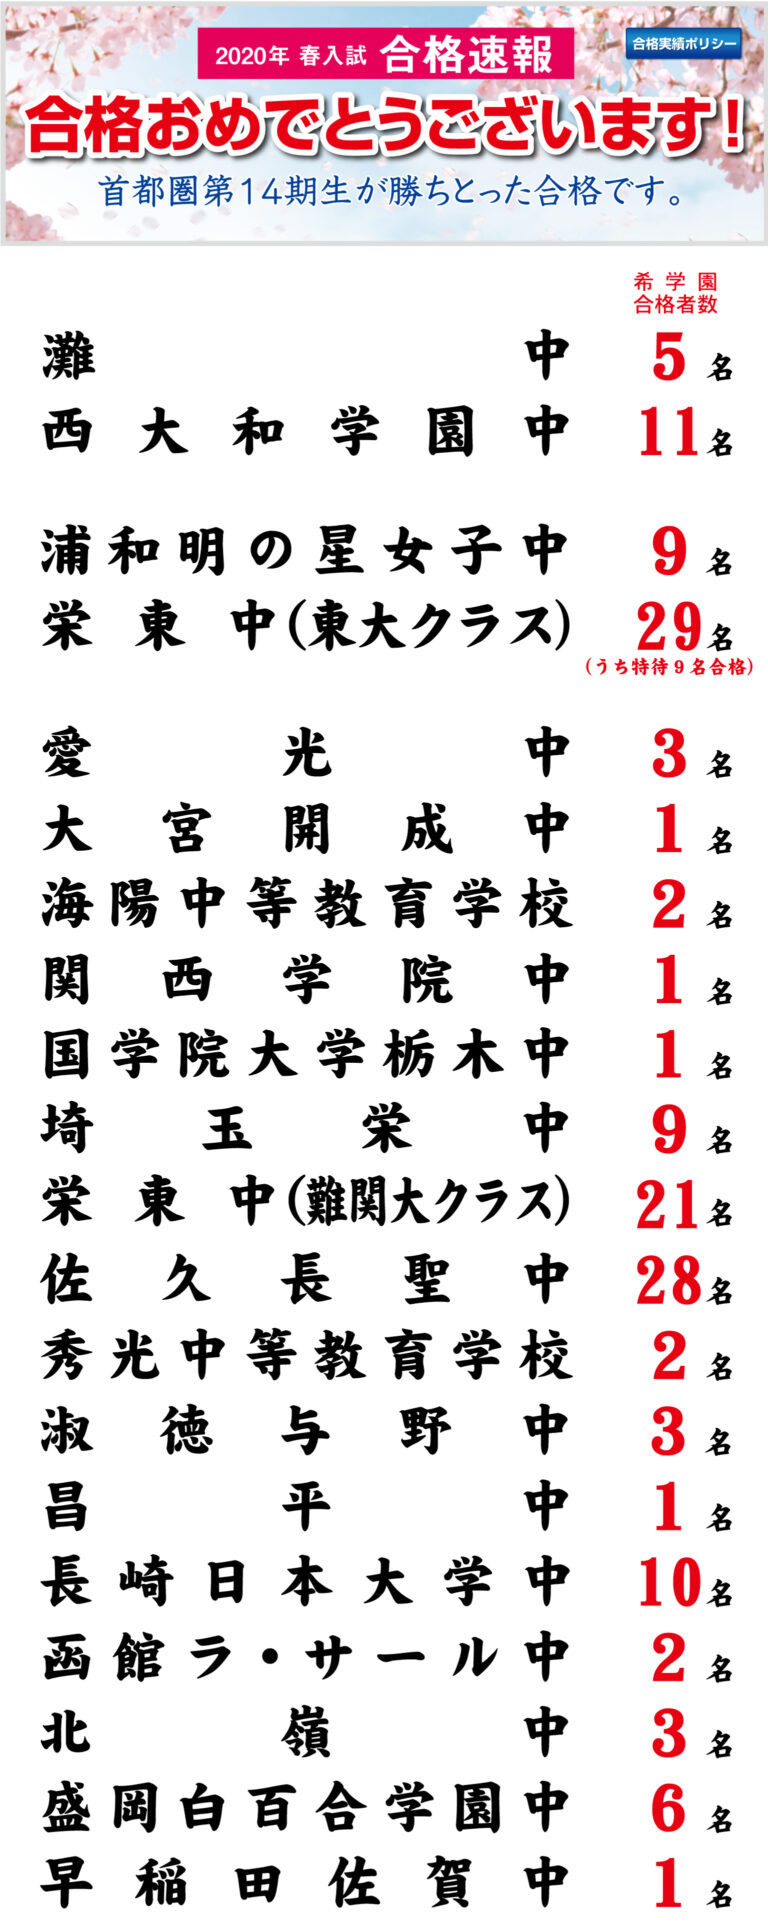 2020年 春入試 合格実績【首都圏】